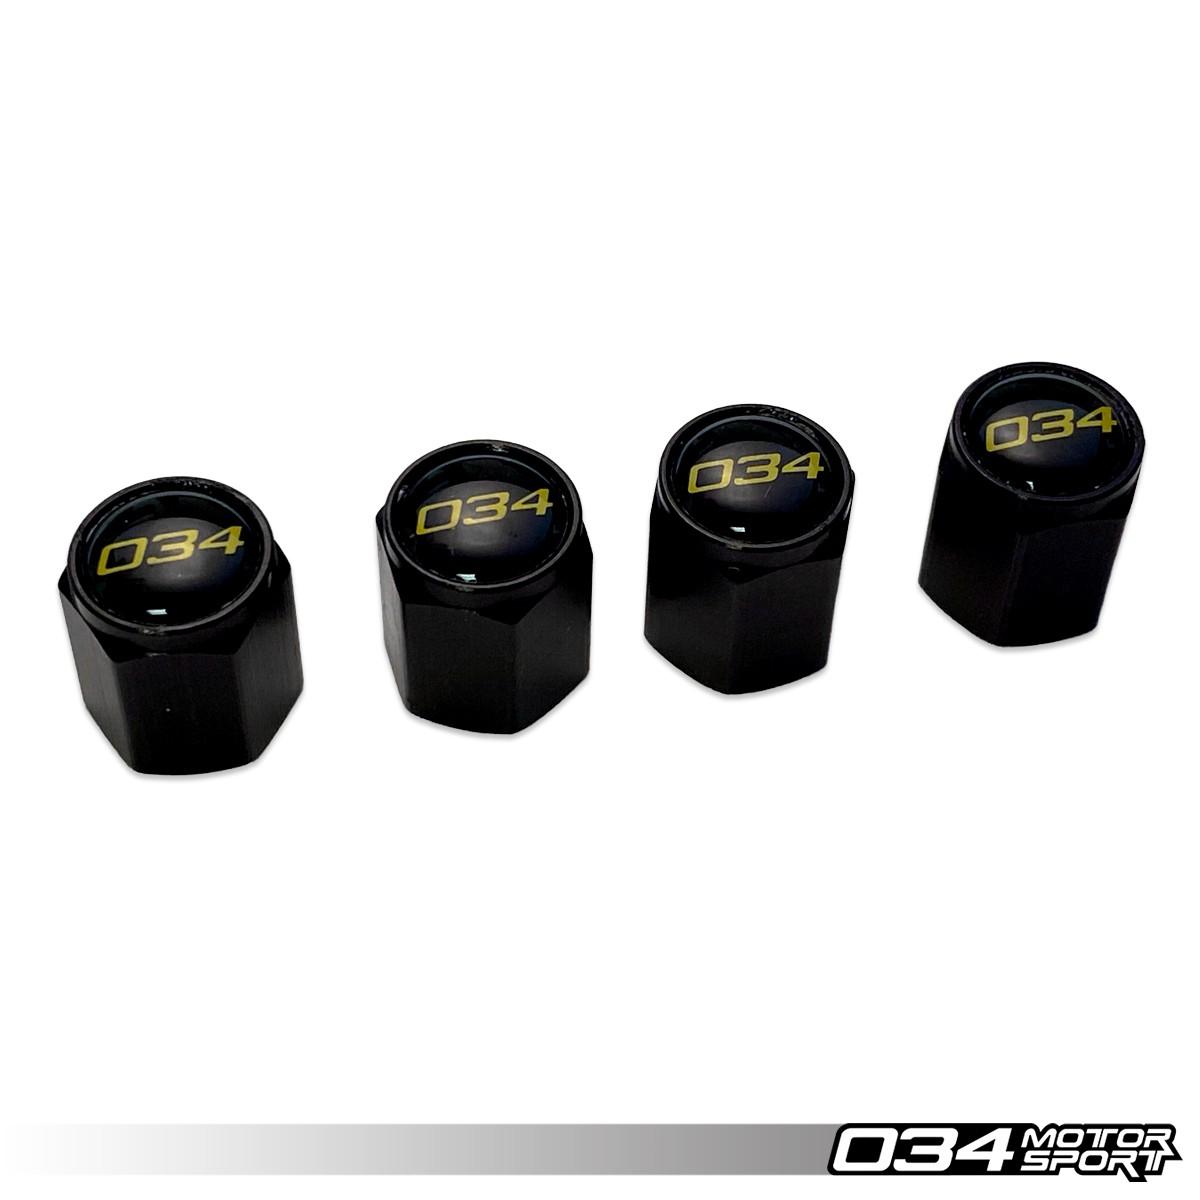 034Motorsport Aluminum Valve Stem Cap Set 034-604-4000